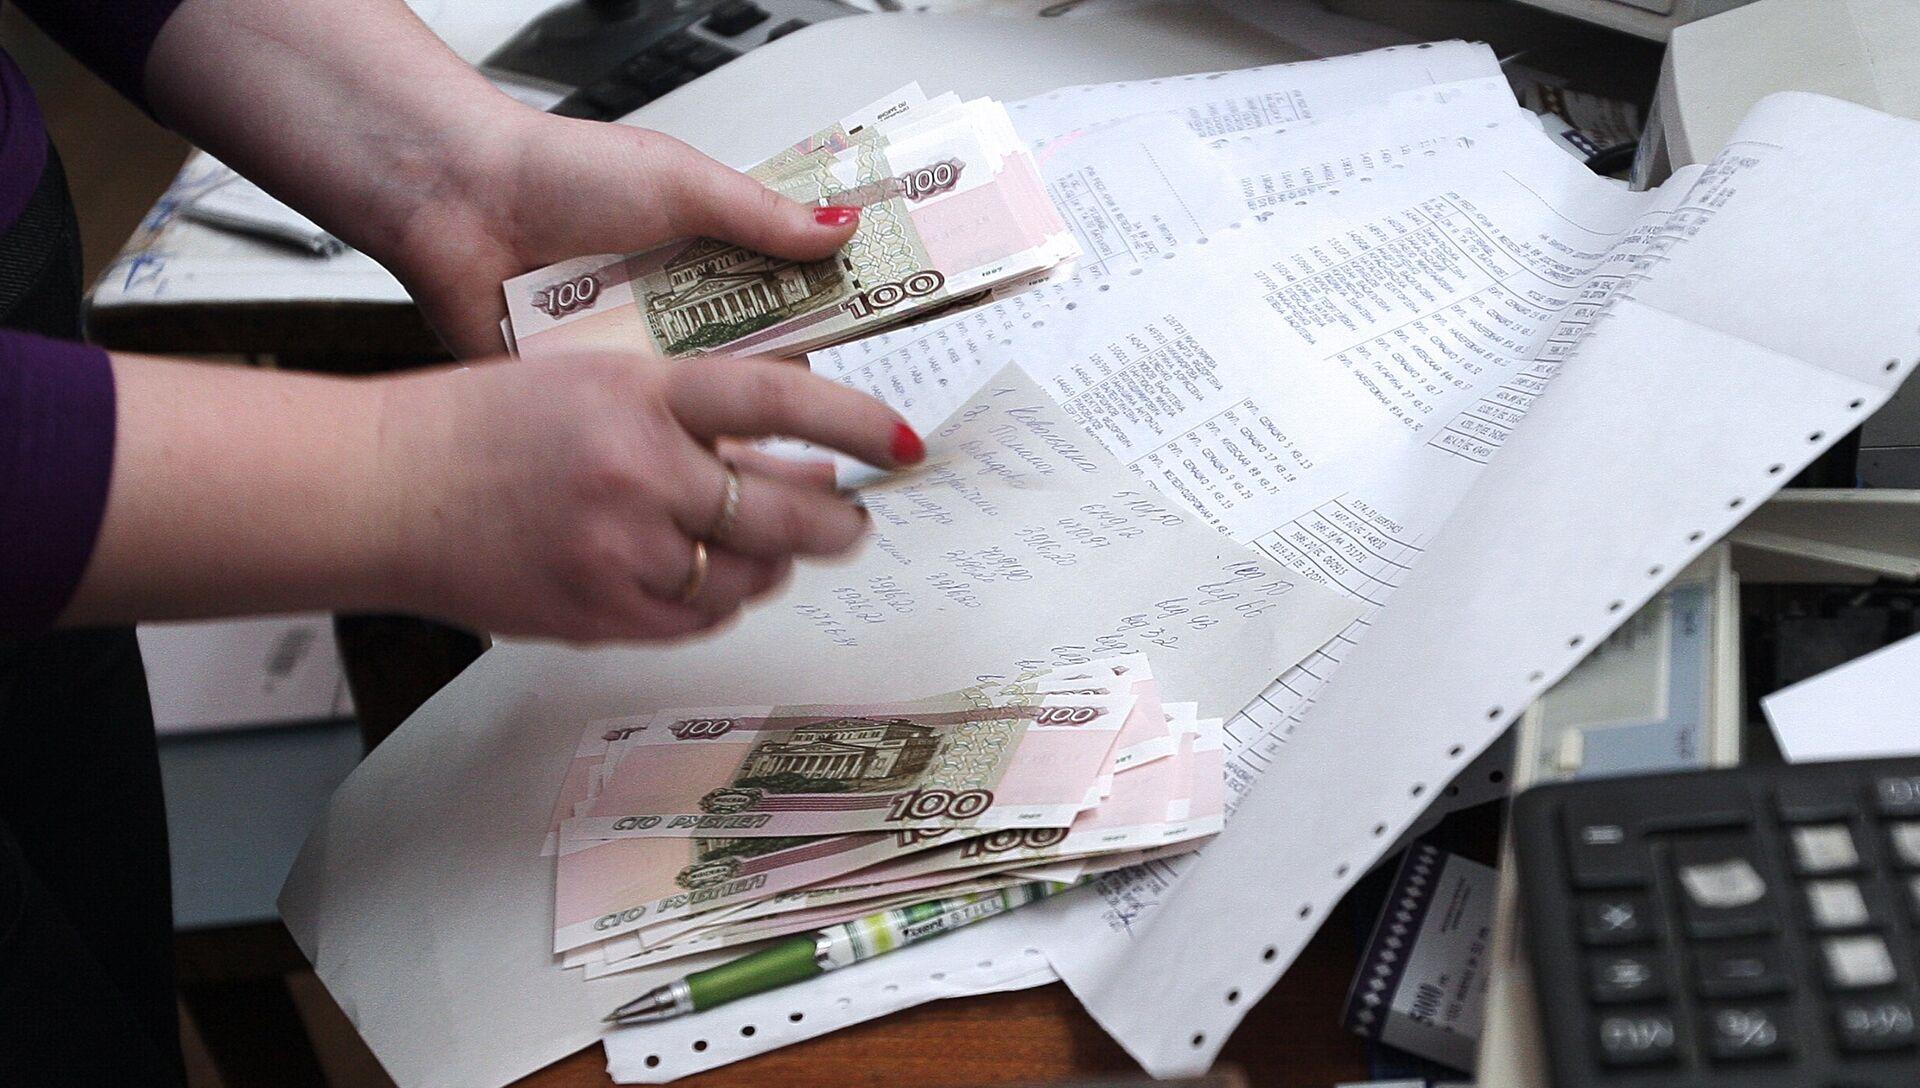 В Крыму начали выдавать пенсии в российских рублях - РИА Новости, 1920, 22.09.2020